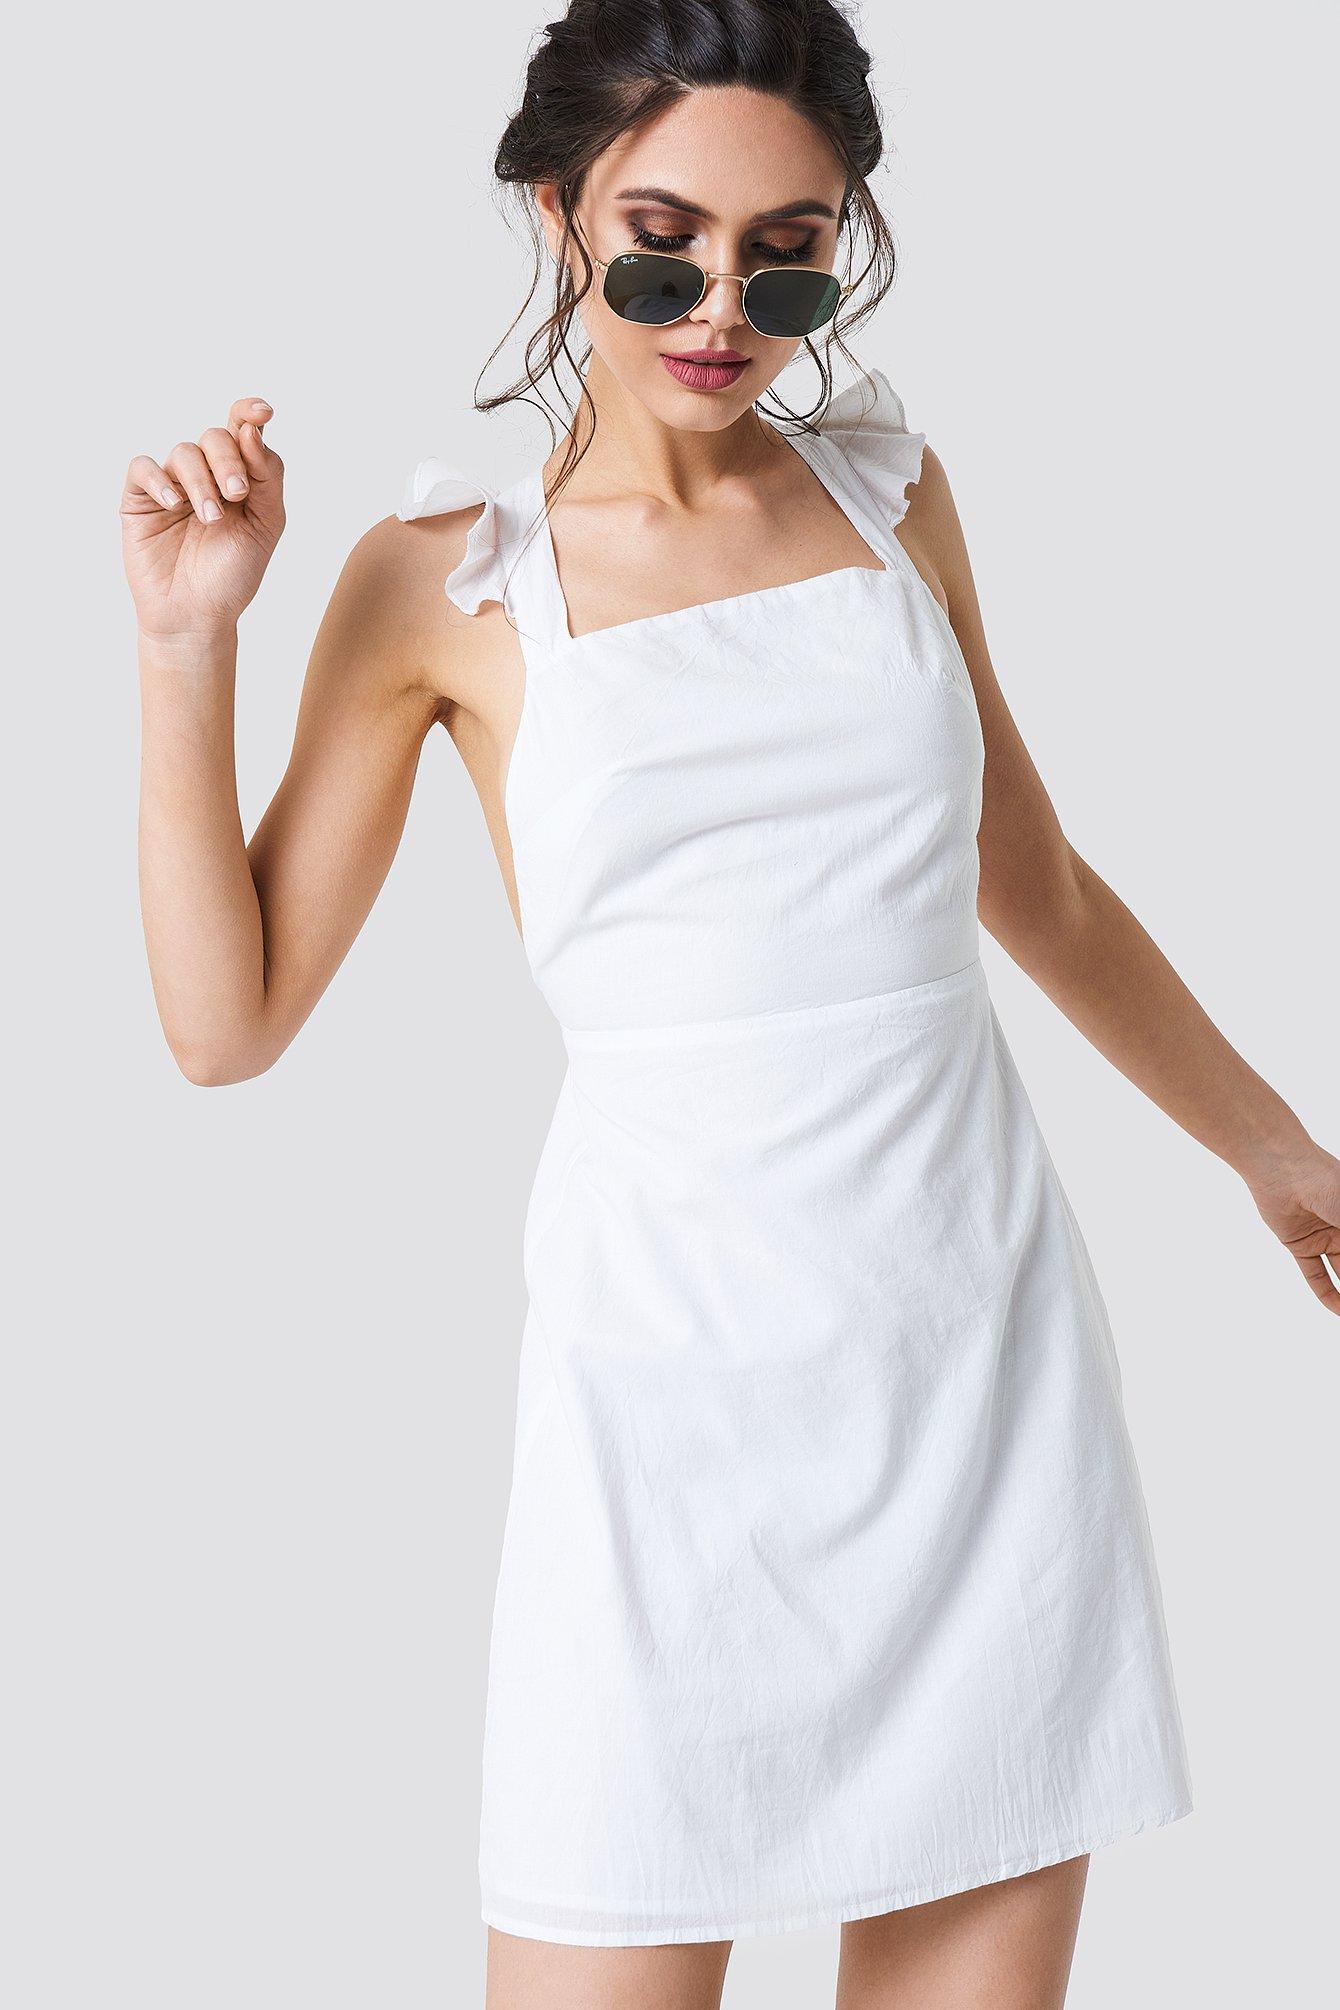 CROSS BACK FRILL MINI DRESS - WHITE